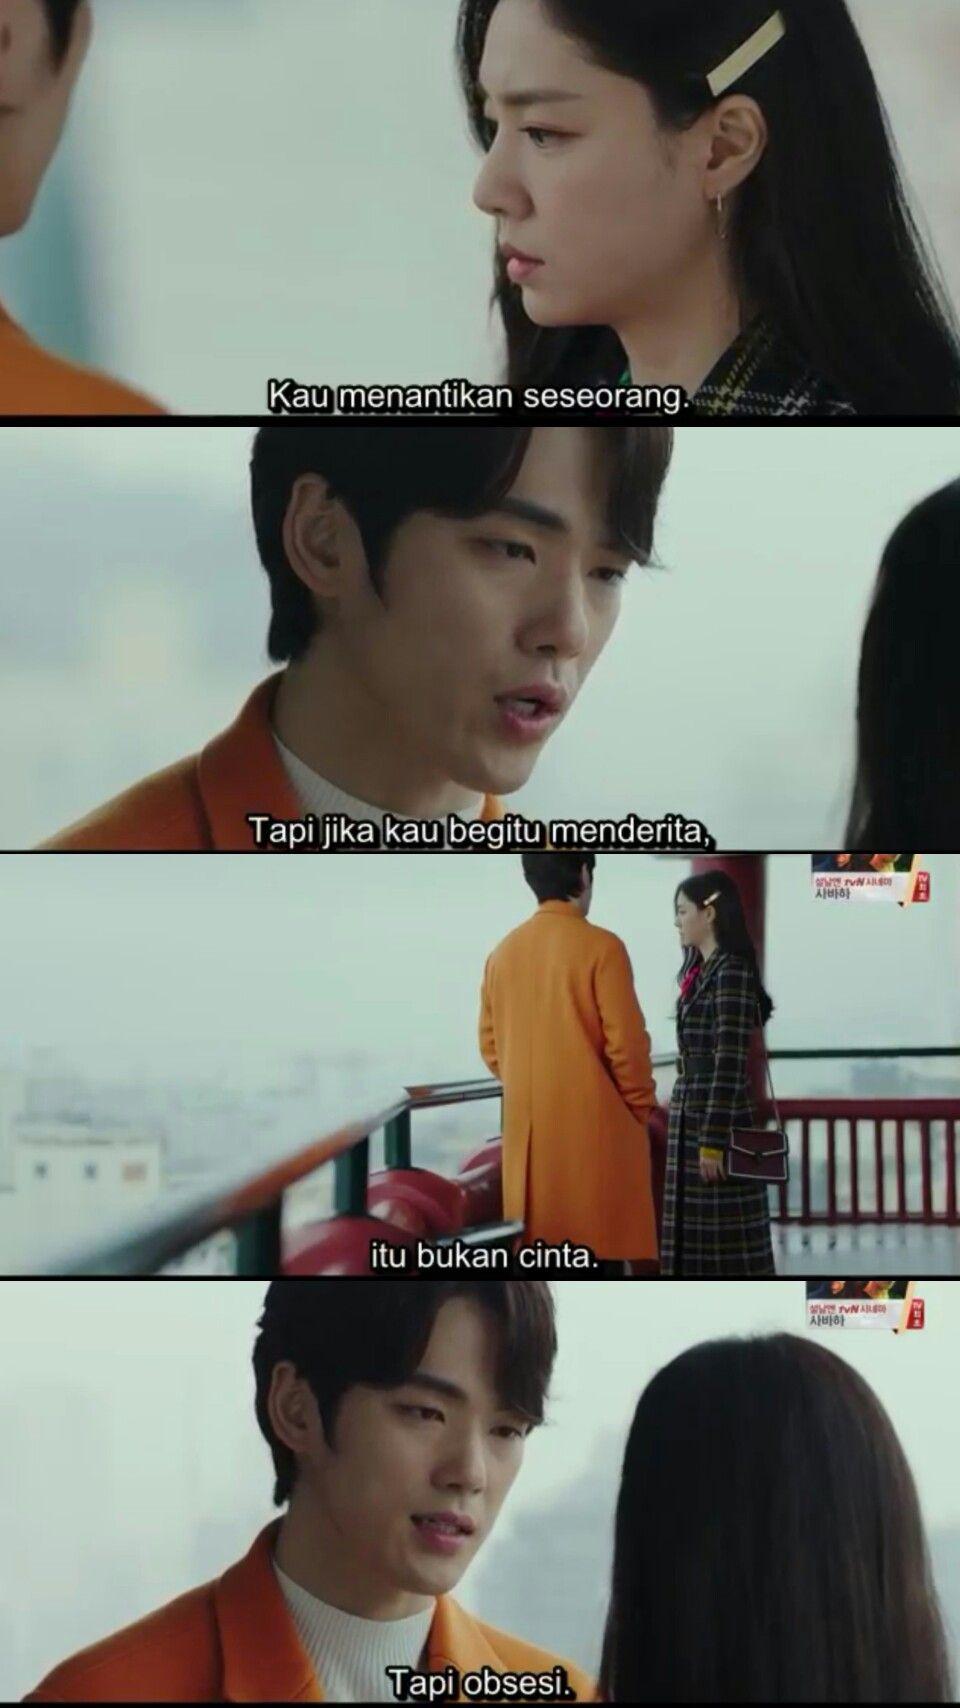 25 Kata Cinta Drama Korea Kata Kata Mutiara Bucin